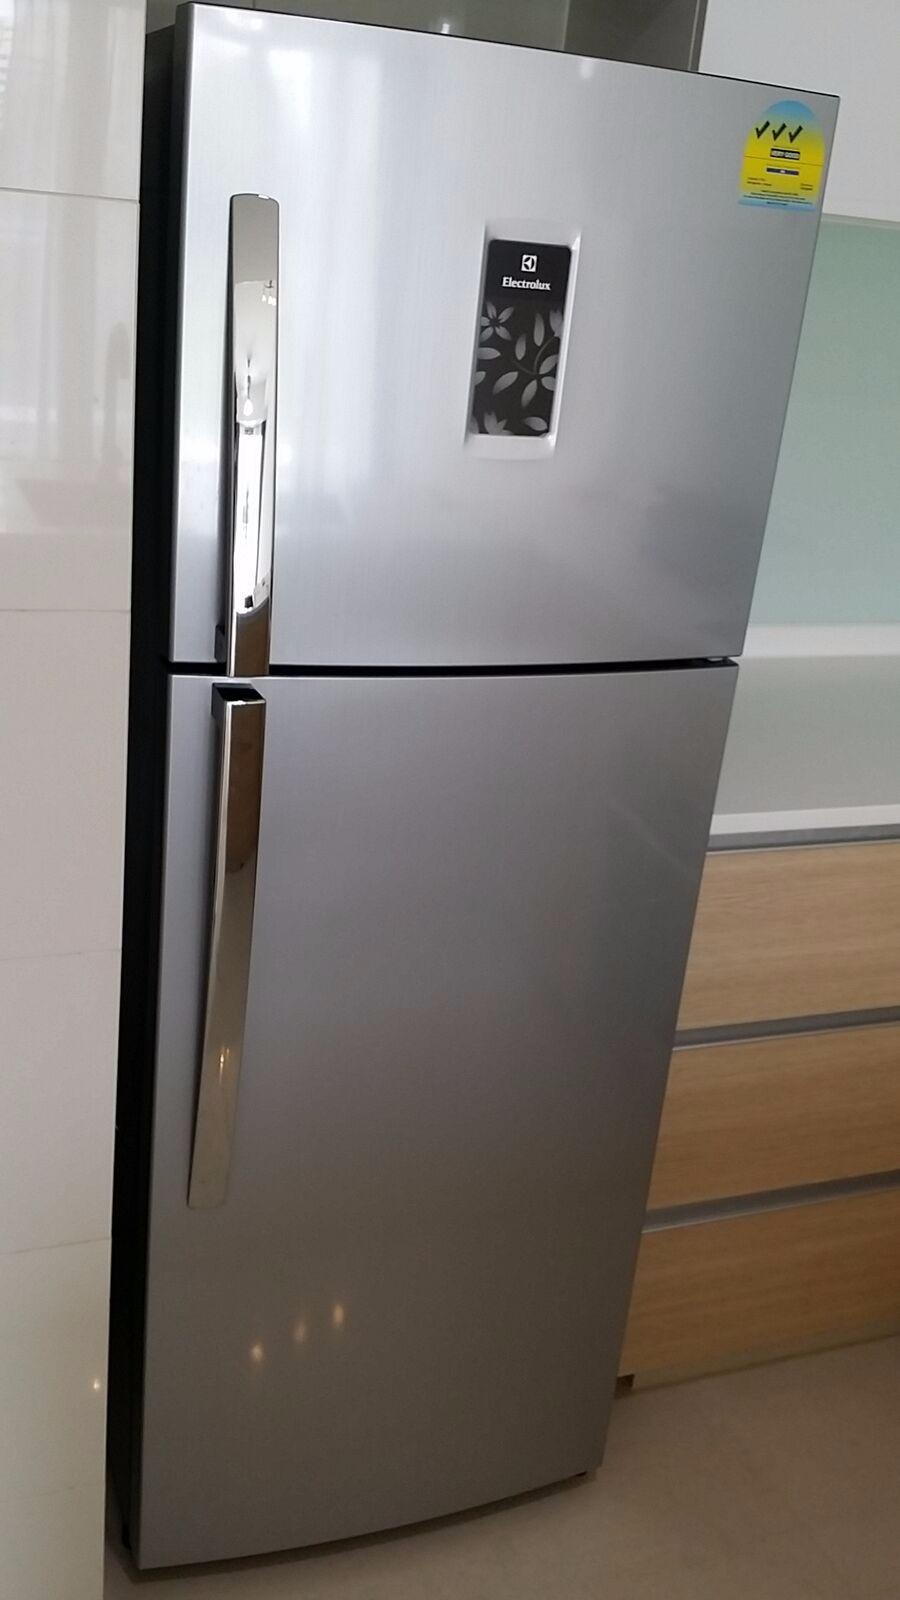 Fridge Repair Refrigerator Repair Singapore Electrolux